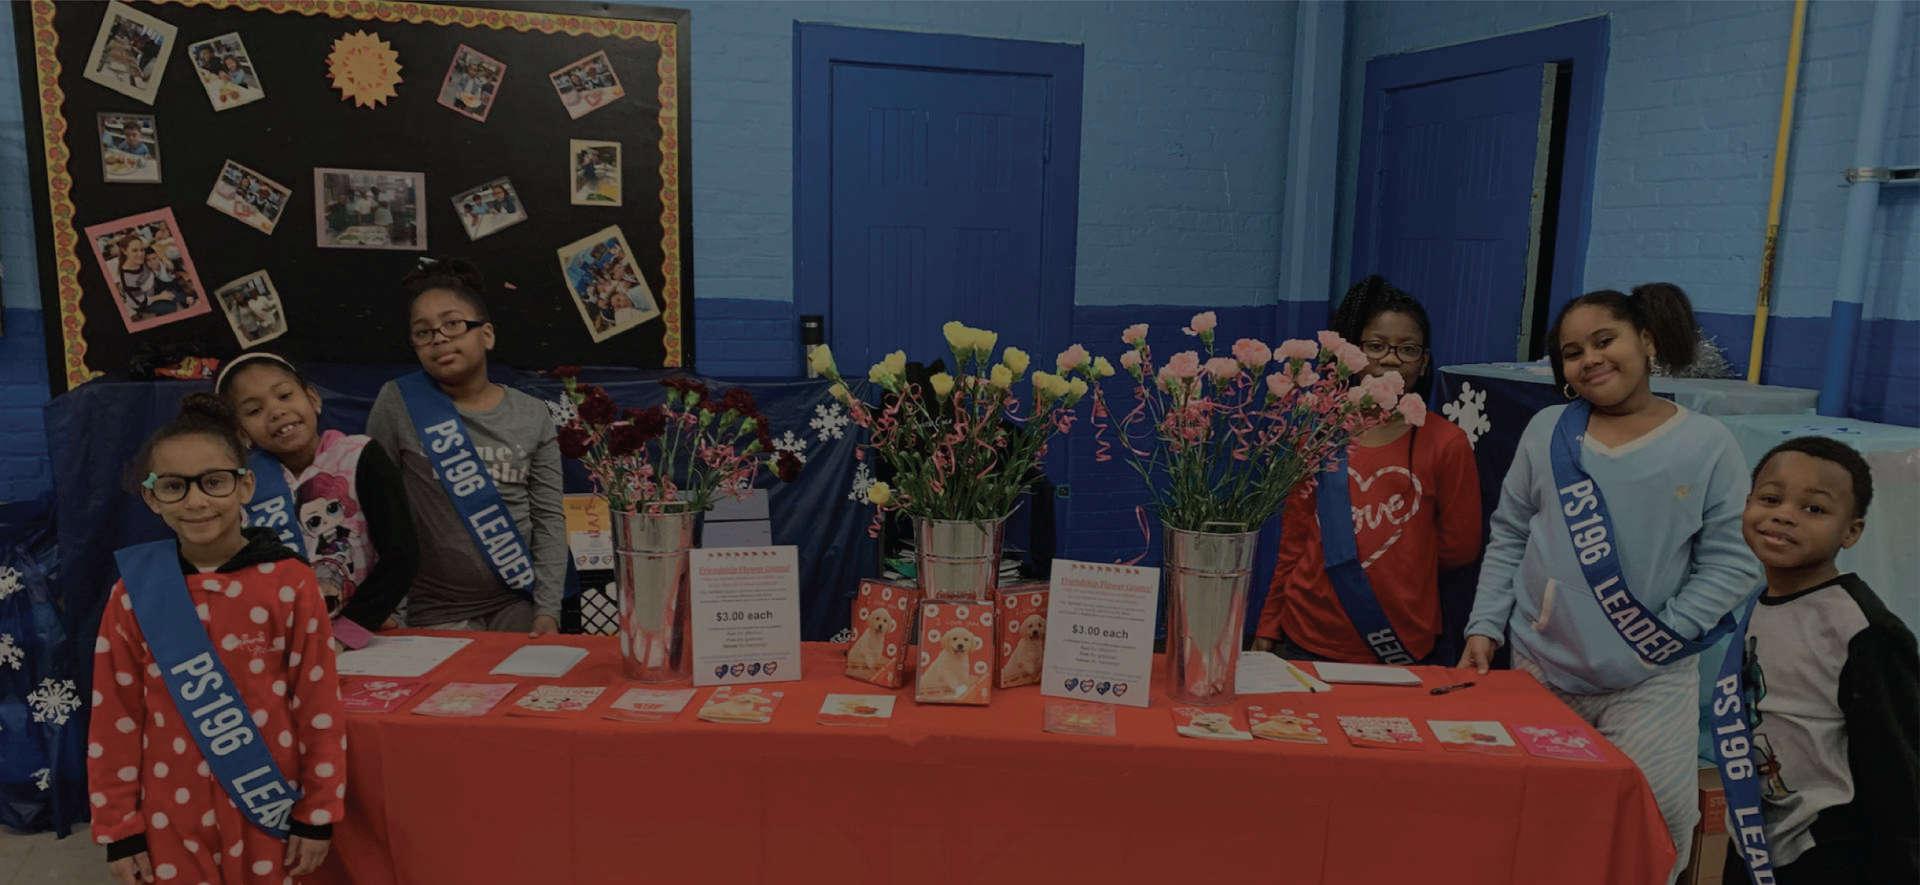 Student Lighthouse team sells Friendship Flower Grams February 2020